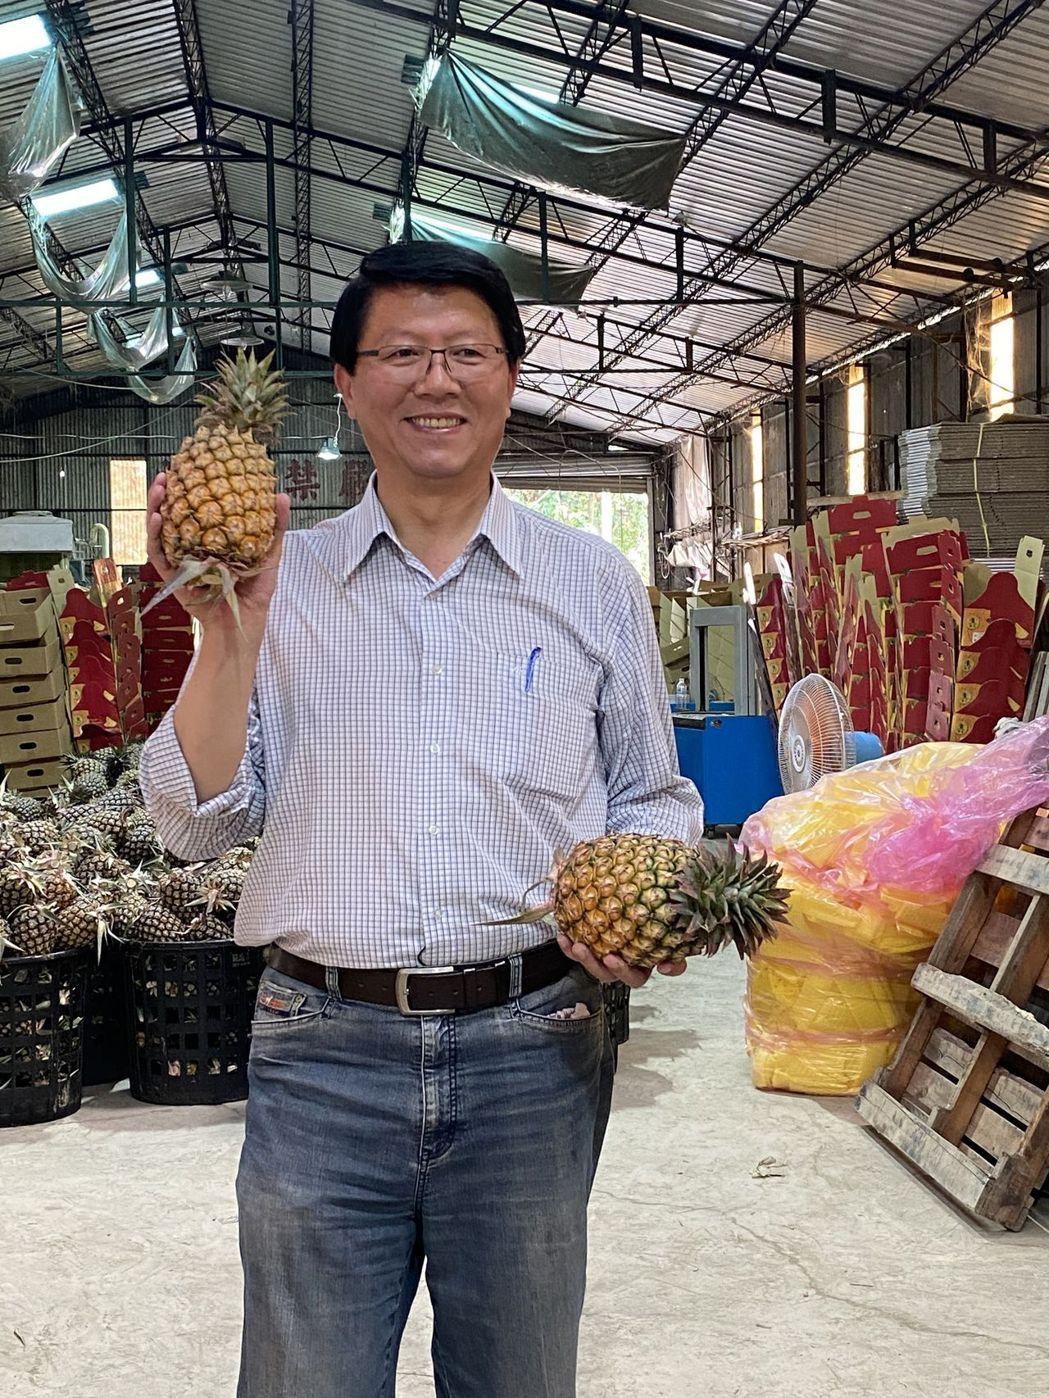 國民黨副秘書長謝龍介認為,將鳳梨問題定調為檢疫是正確的,應趕快協商解決。記者鄭惠...